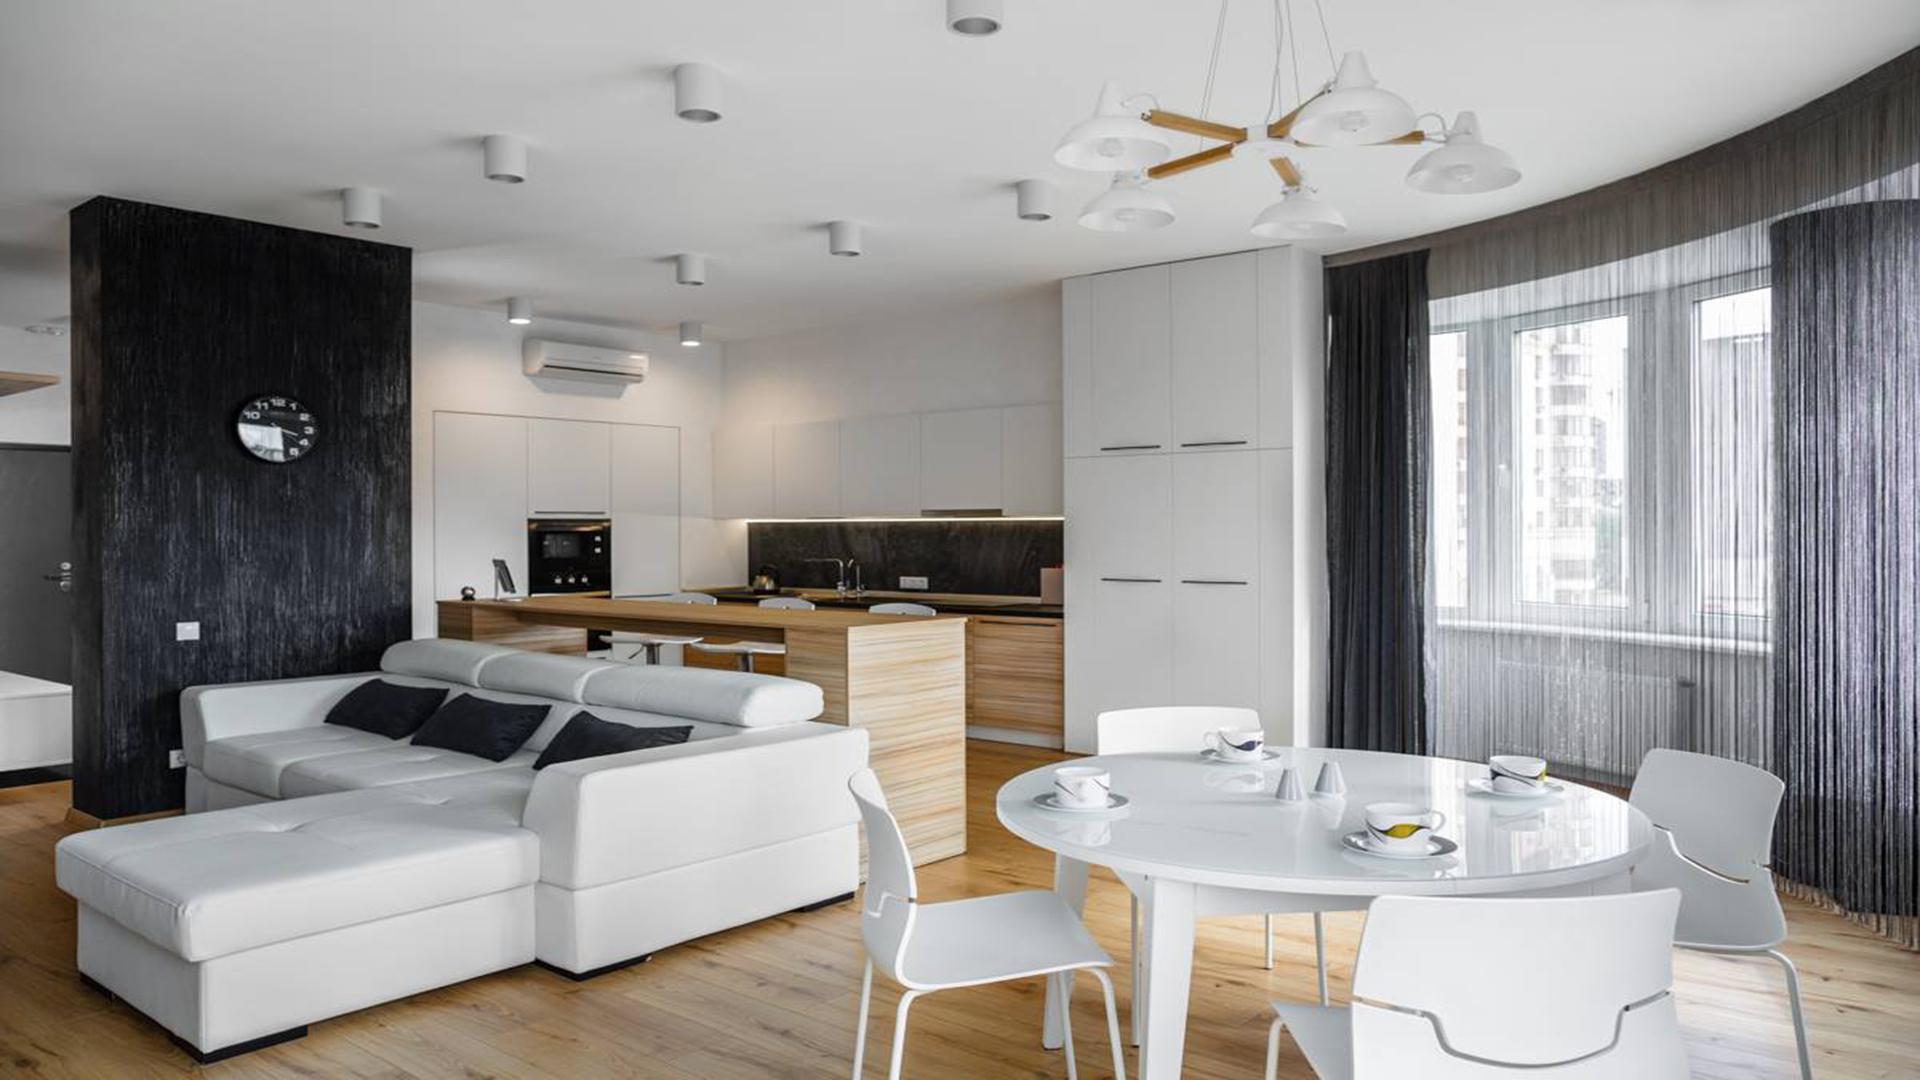 kvartira studiya - Идеи интерьера для квартиры-студии